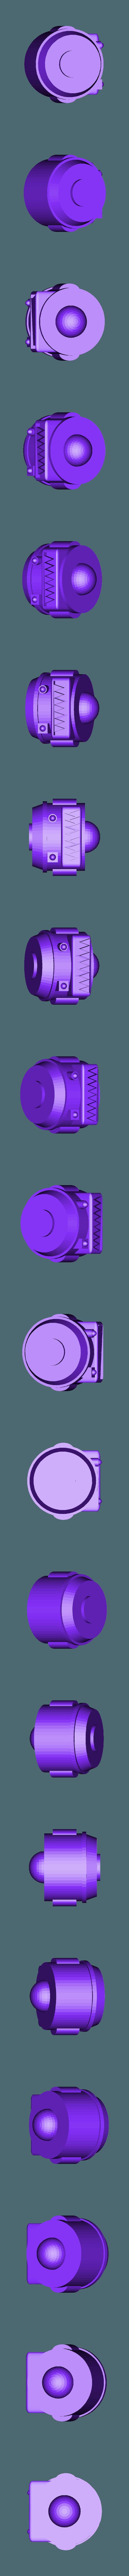 mega_gargant_head.stl Télécharger fichier STL gratuit Ork Mega Gargant Epic 40k proxy model 6mm Titanicus • Modèle pour imprimante 3D, redstarkits